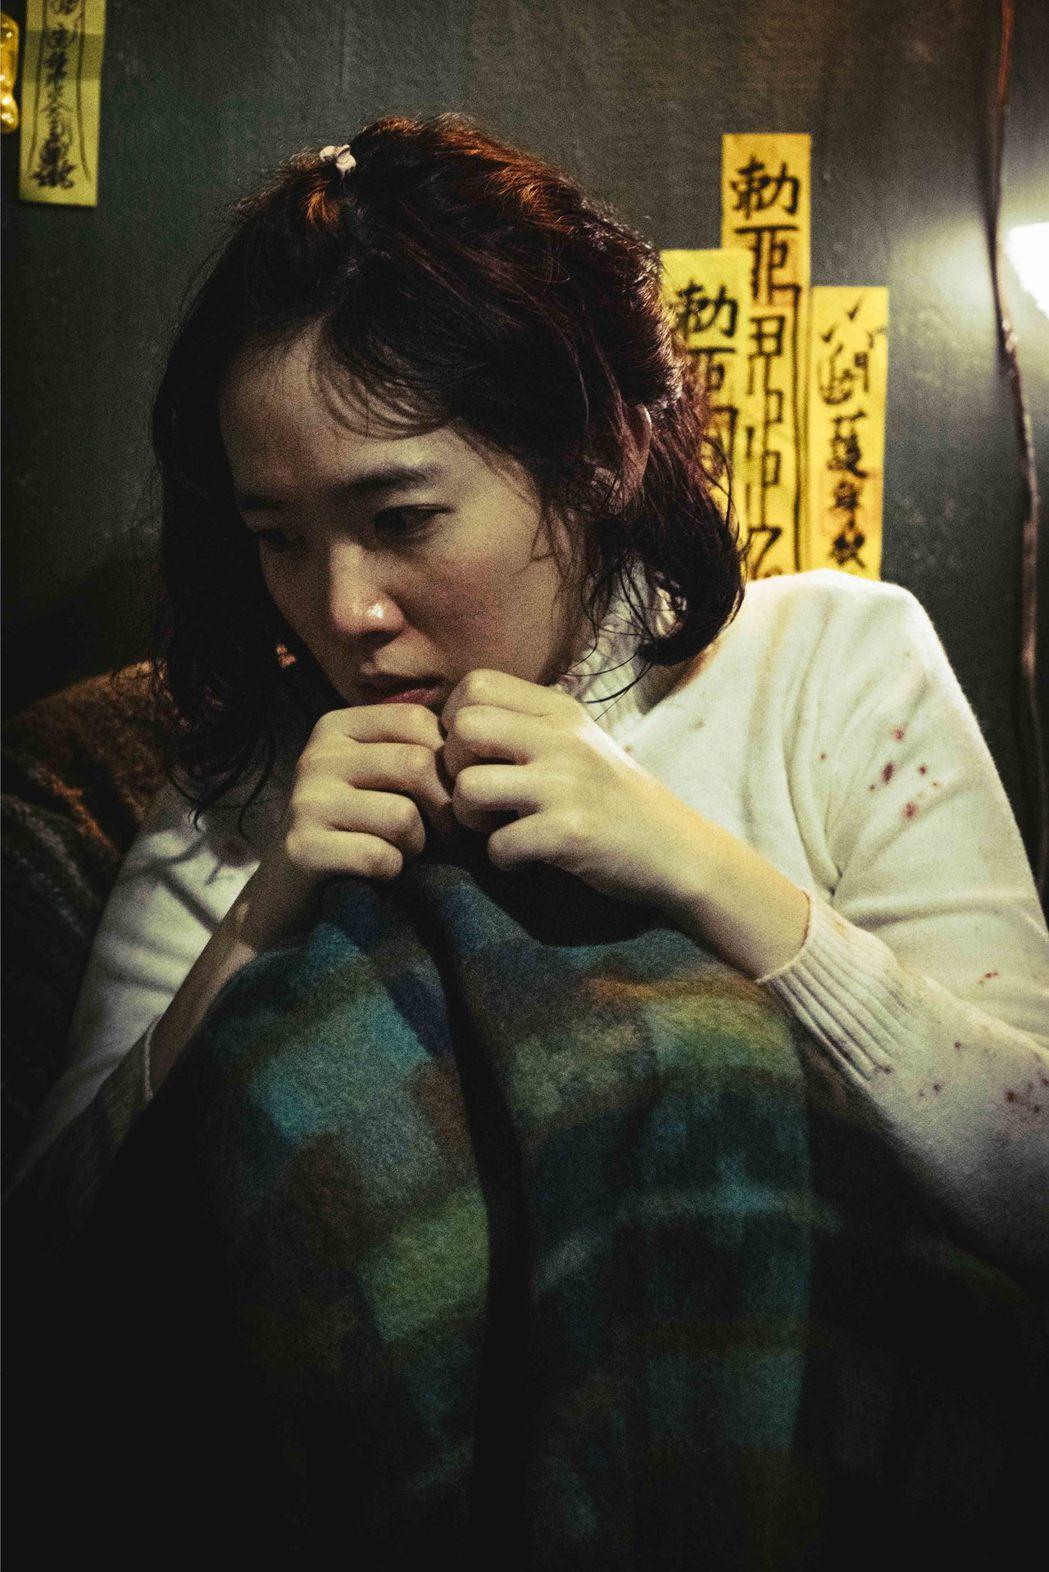 孫可芳演出「粽邪」身心煎熬。圖/華影提供